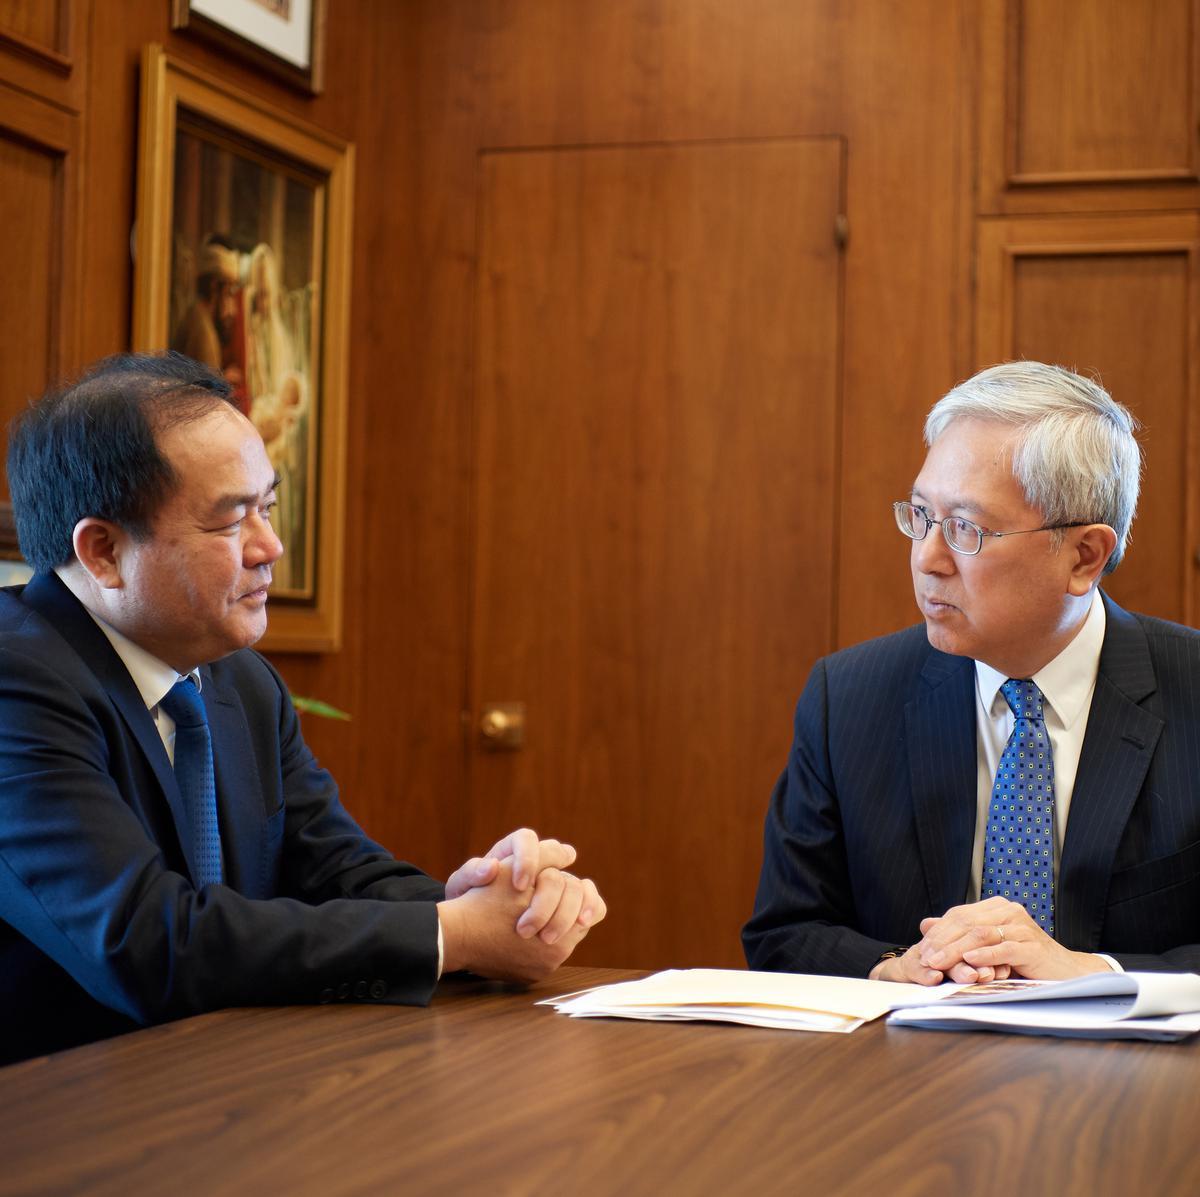 Ông Vũ Chiến Thắng, Trưởng Ban Tôn Giáo Chính Phủ Việt Nam, nói chuyện với Anh Cả Gerrit W. Gong thuộc Nhóm Túc Số Mười Hai Vị Sứ Đồ tại Tòa Nhà Hành Chính của Giáo Hội ngày 4 tháng Sáu năm 2019.